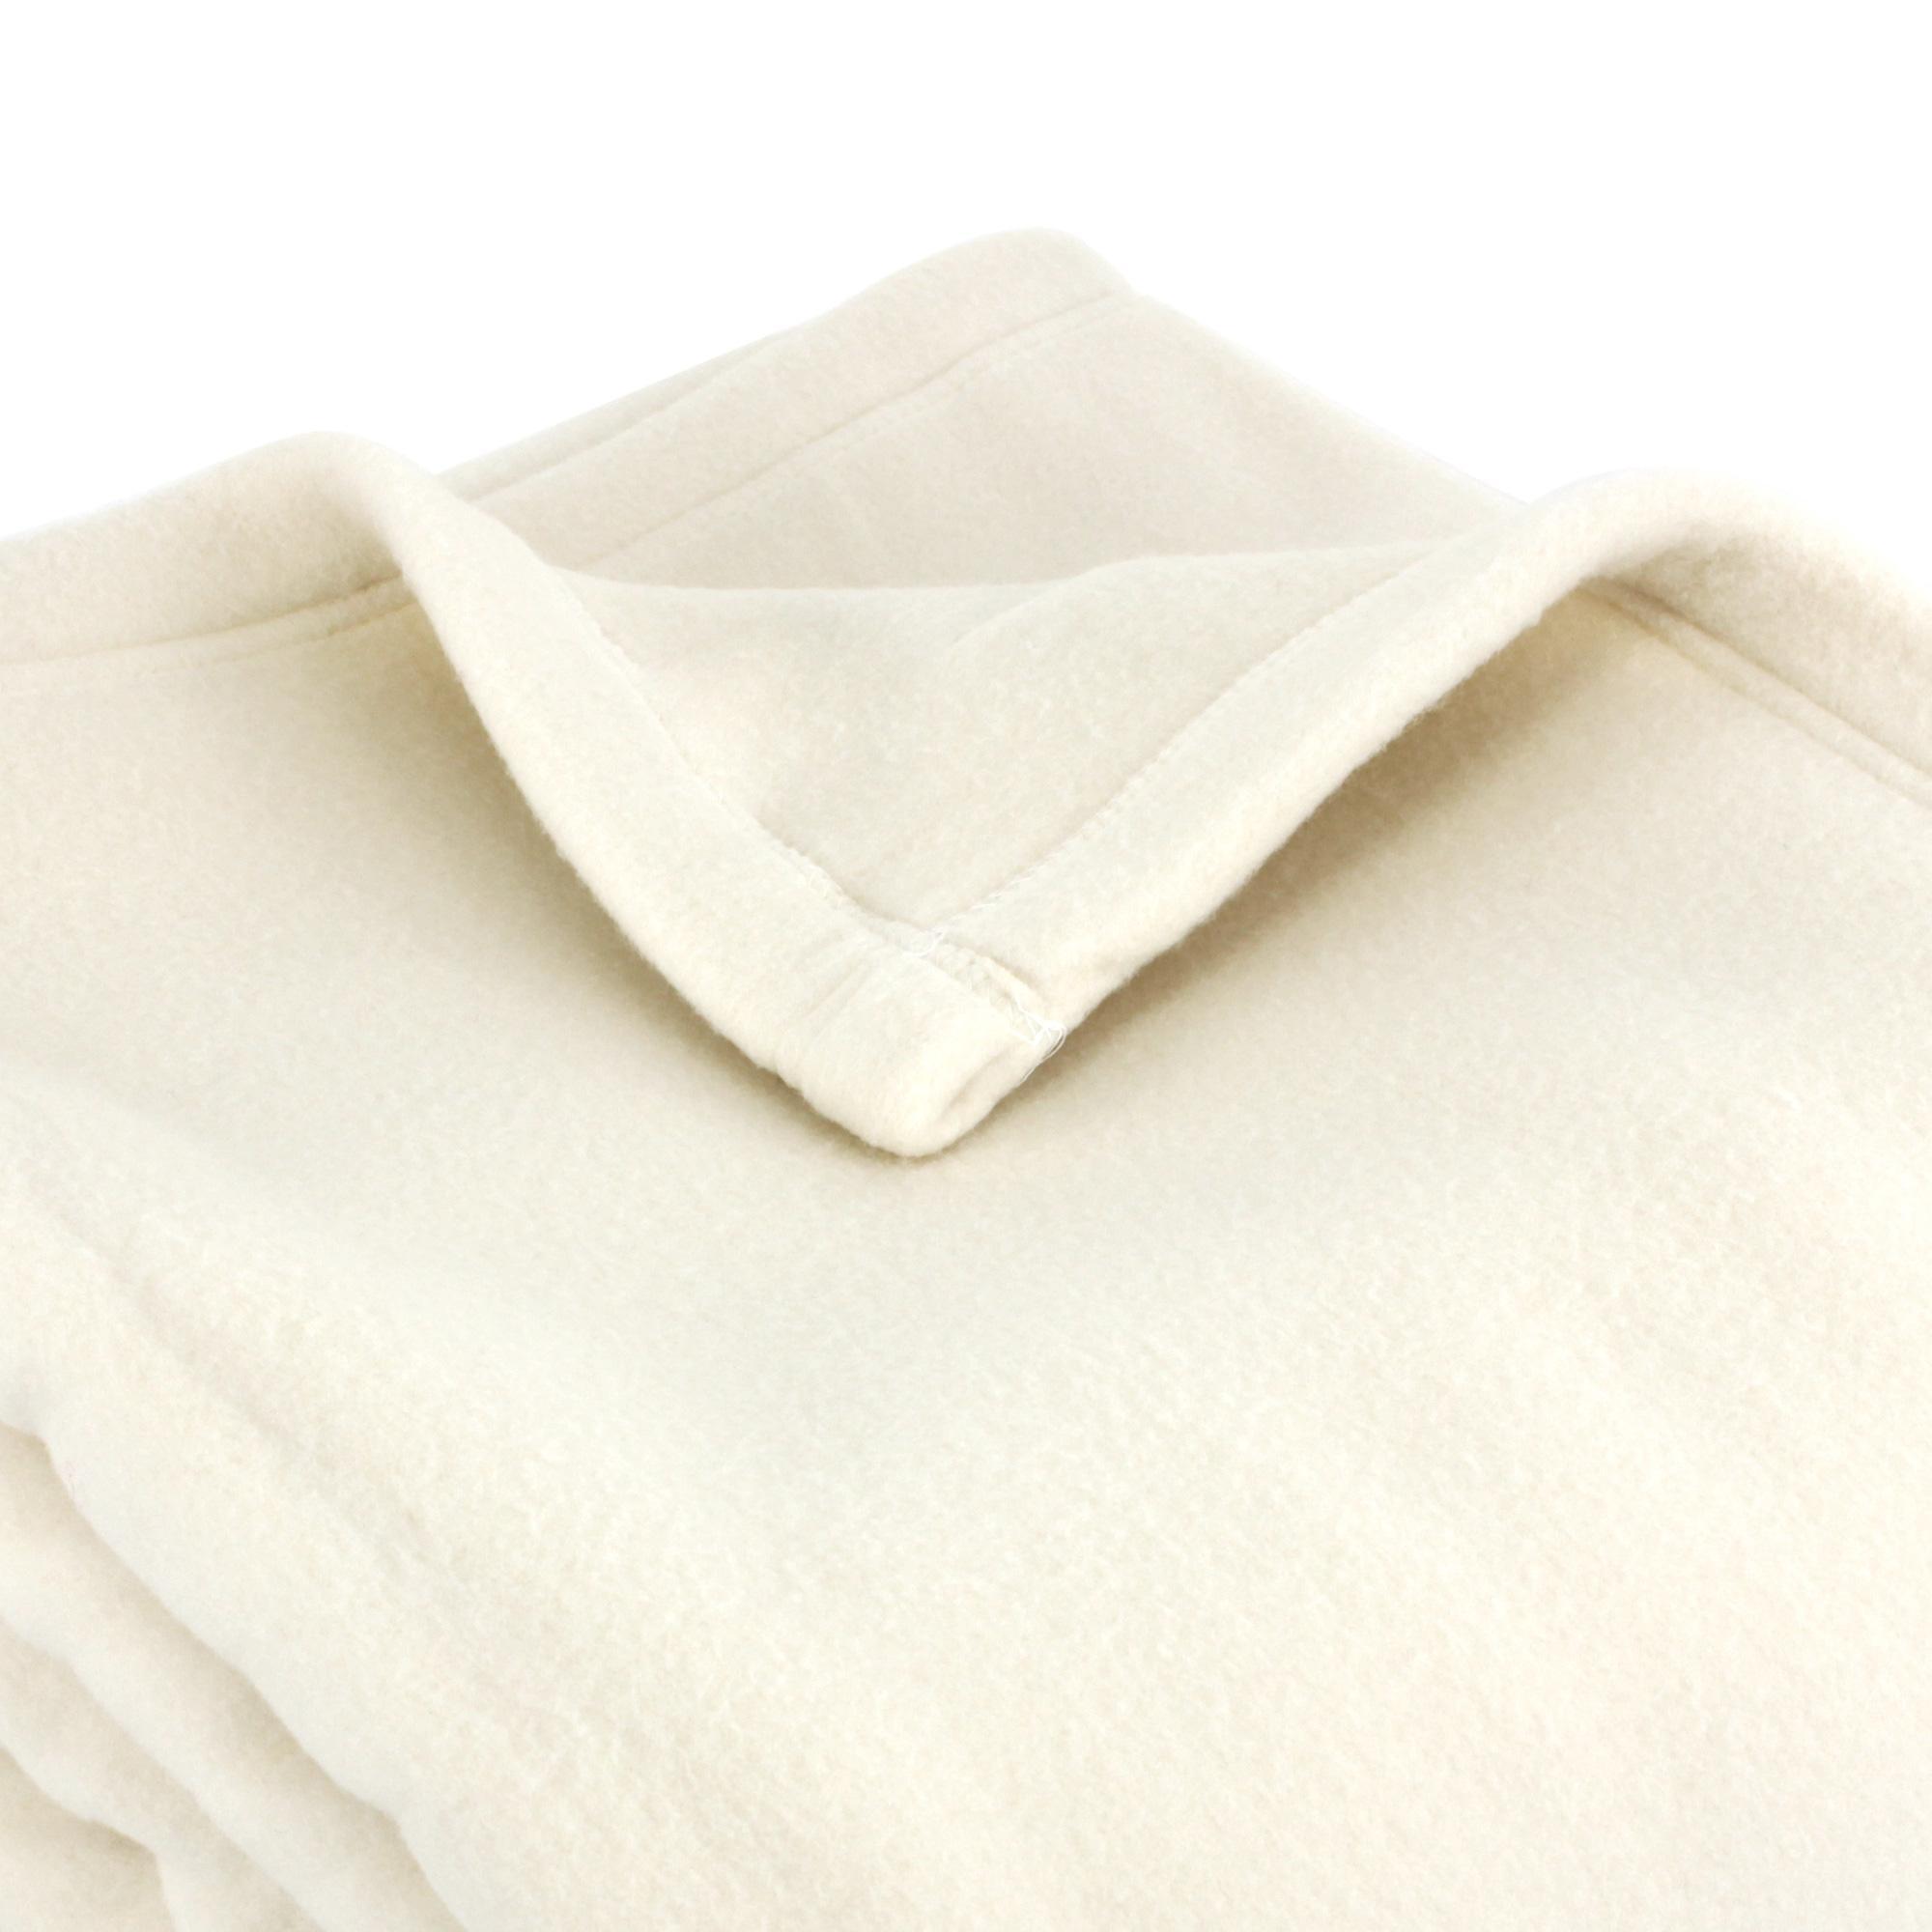 couverture polaire polyester 240x260 cm teddy naturel linnea linge de maison et. Black Bedroom Furniture Sets. Home Design Ideas